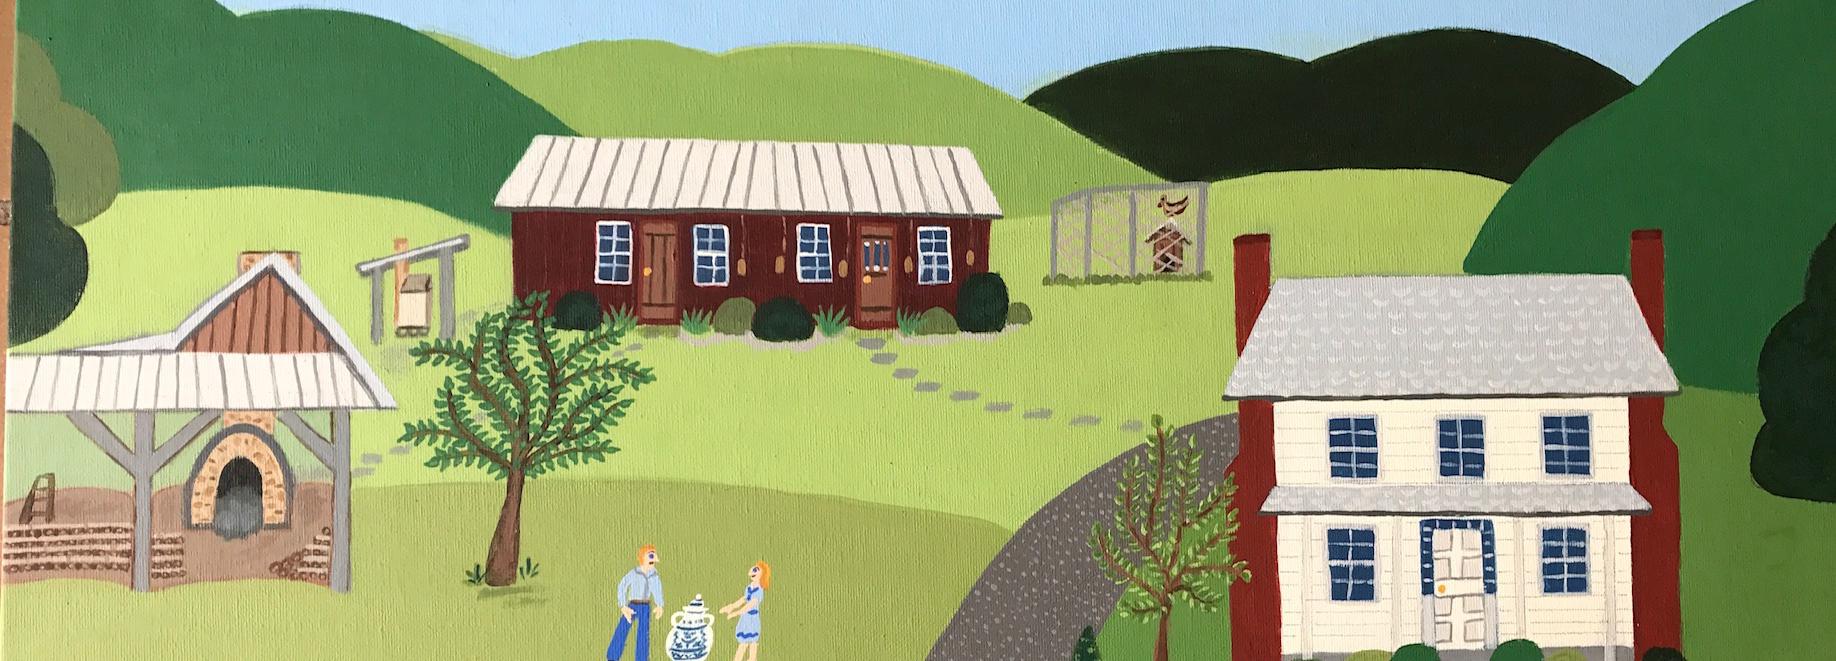 Outsiders: The Inside Story of Folk Art